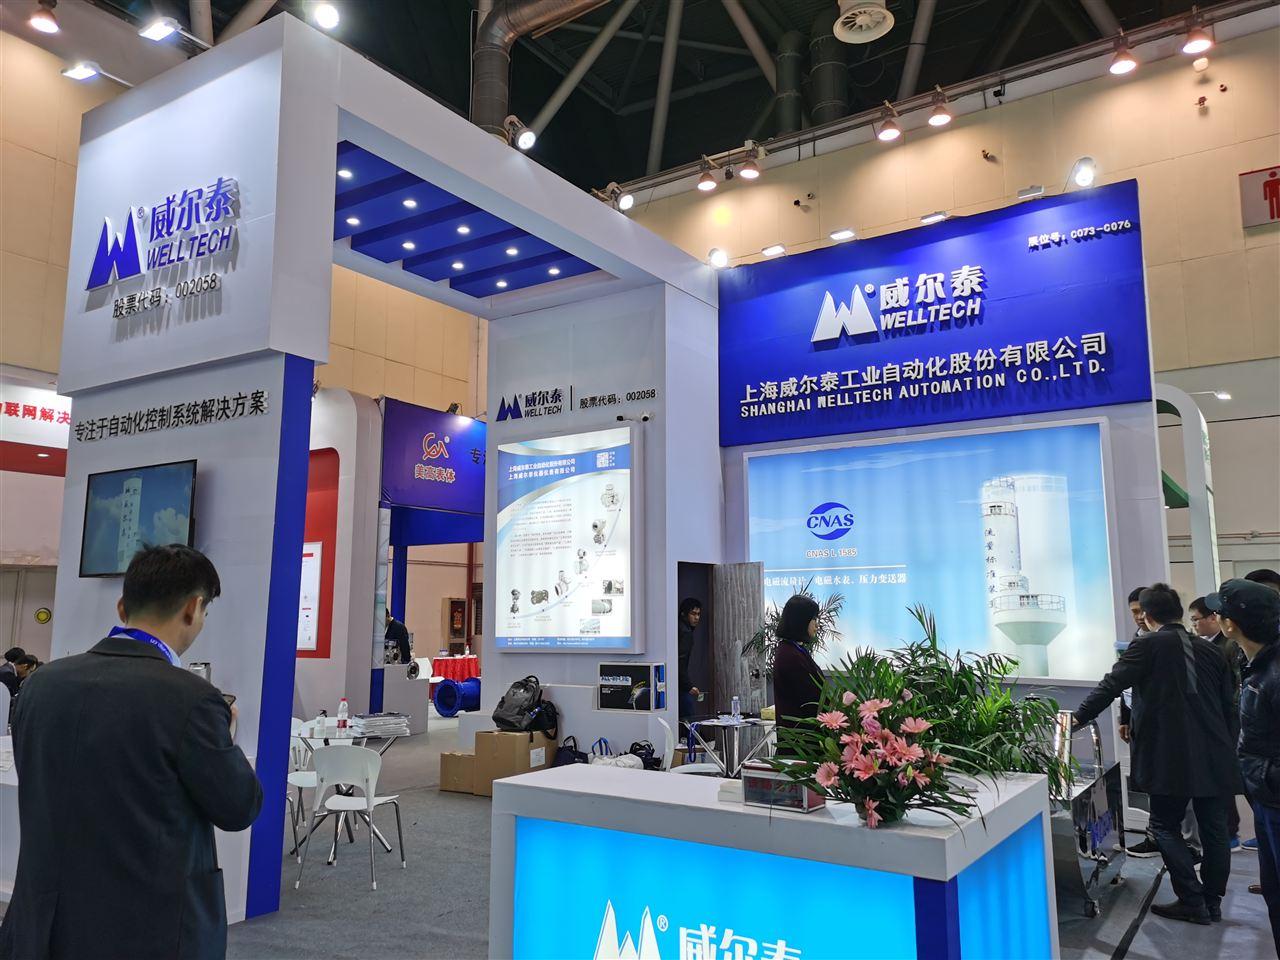 上海威尔泰亮相苏州水展 创新研发推动企业发展